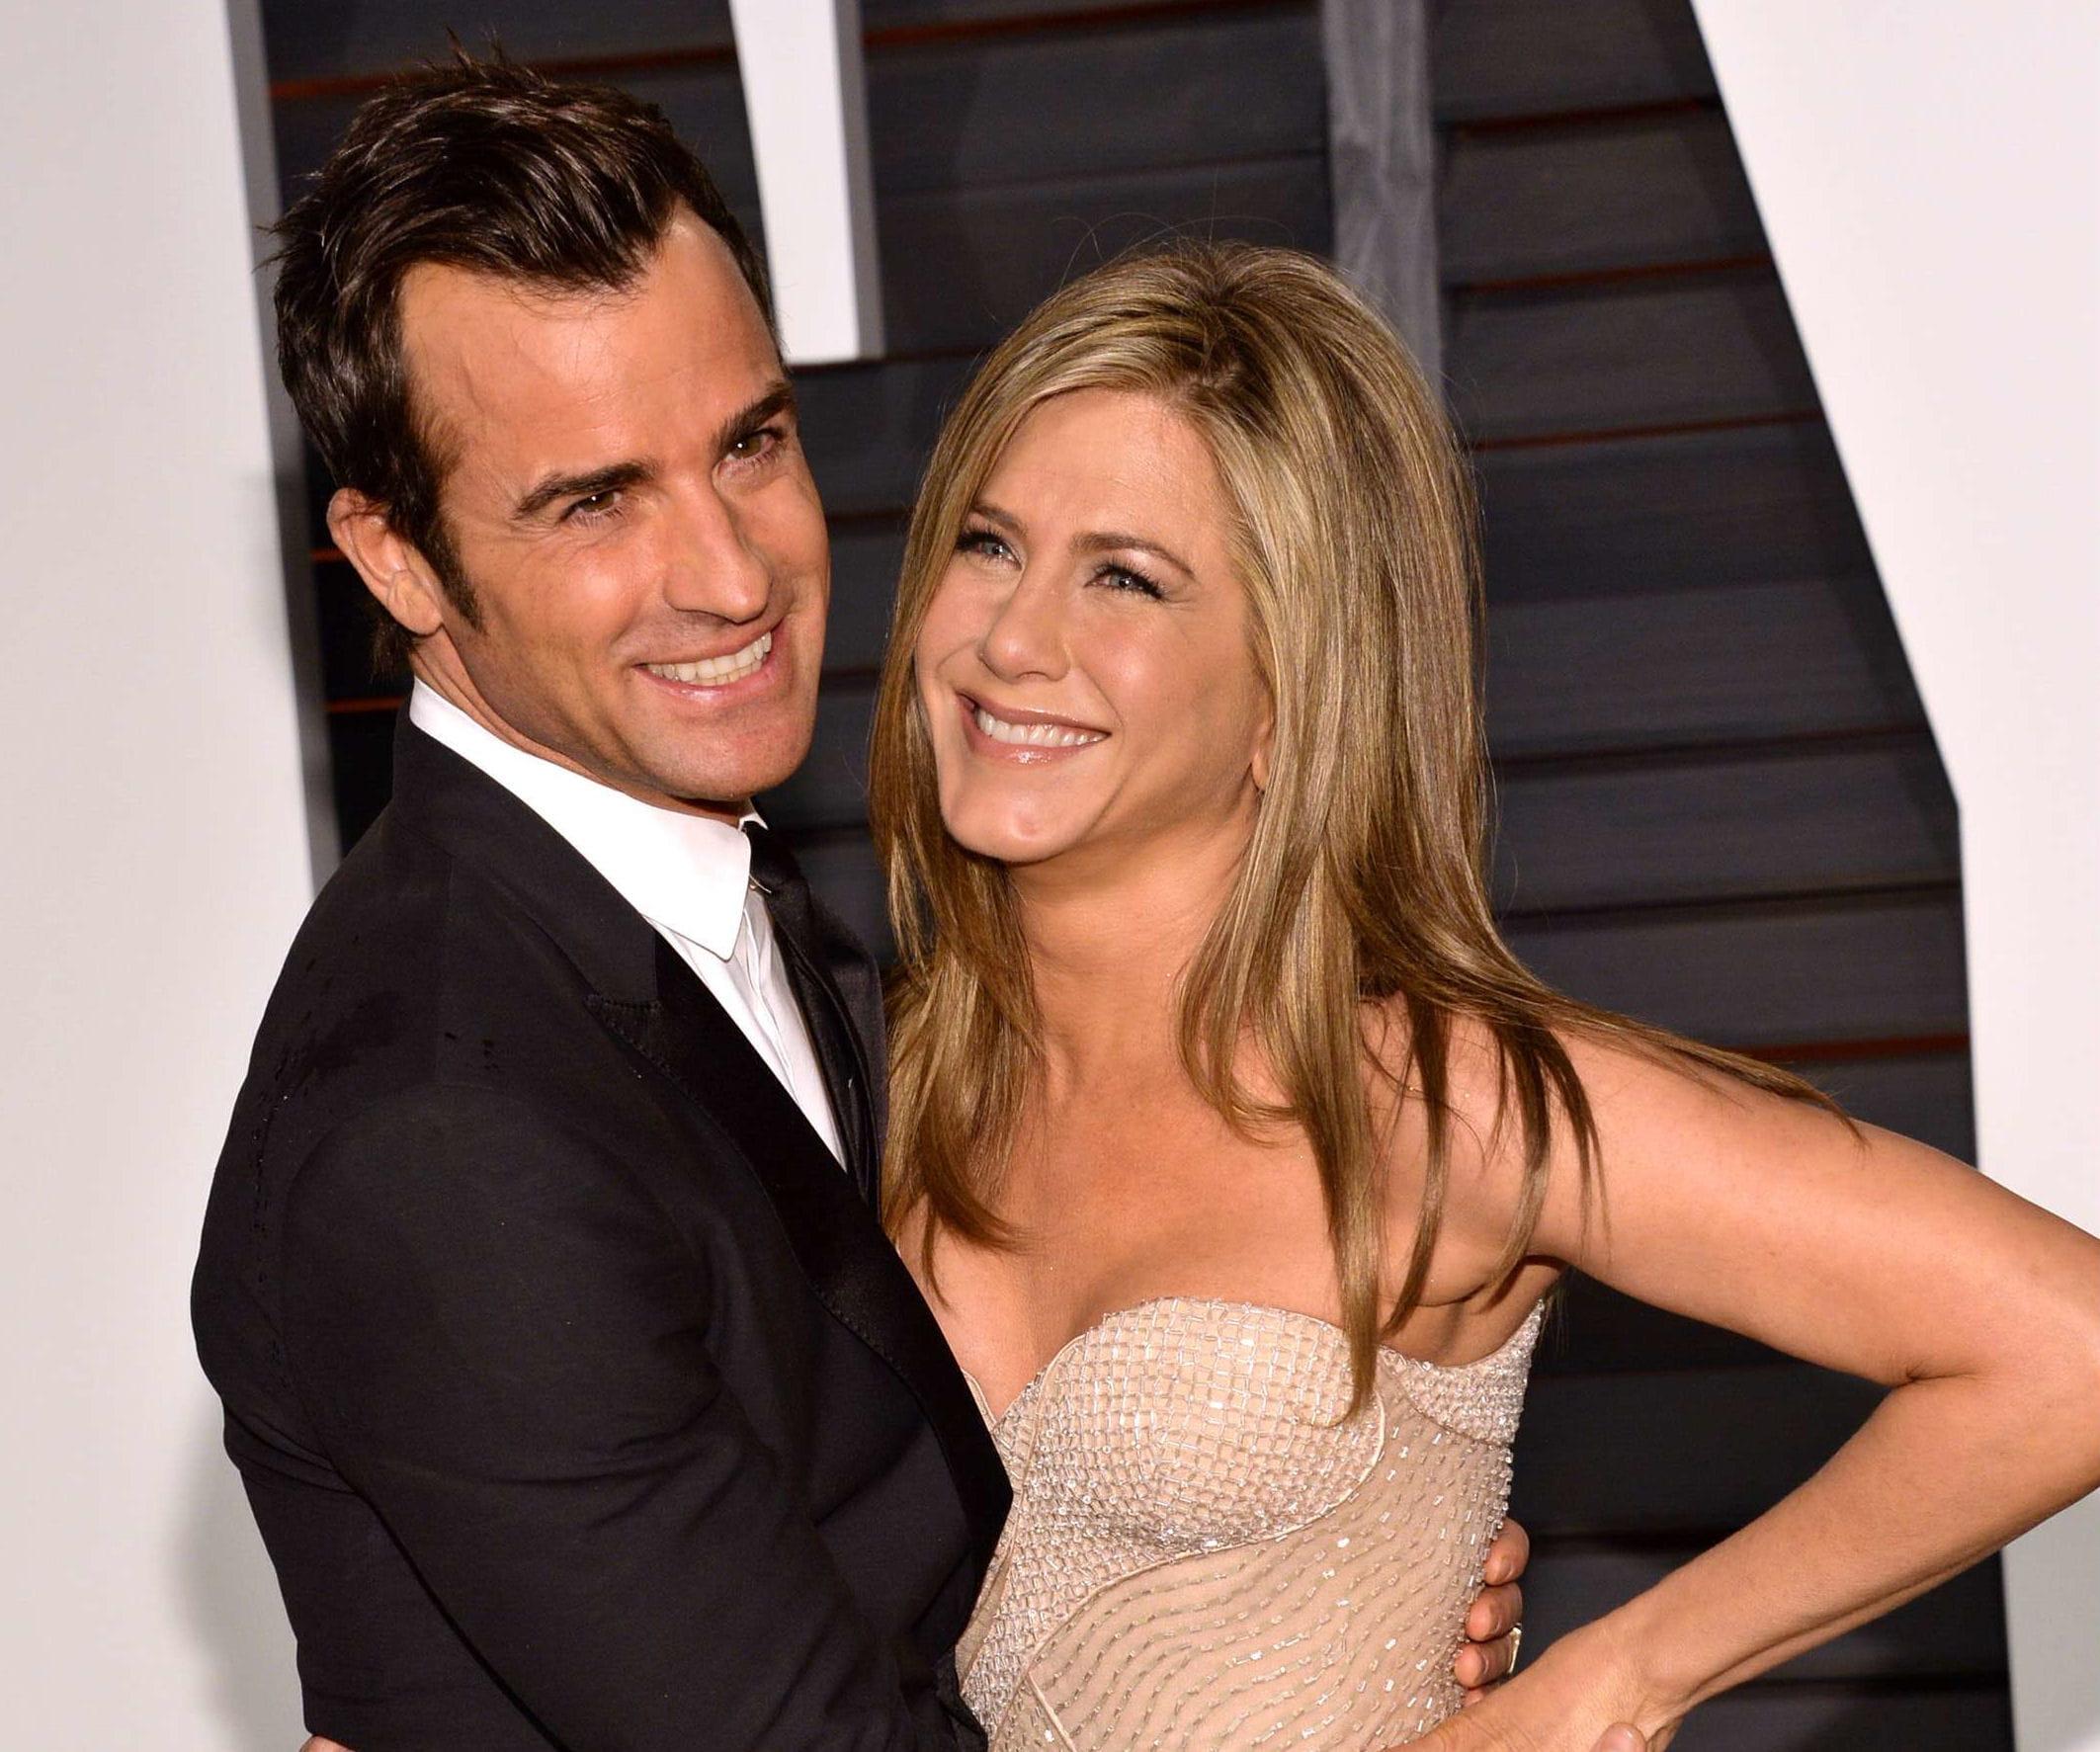 voir aussi - Jennifer Aniston Mariage